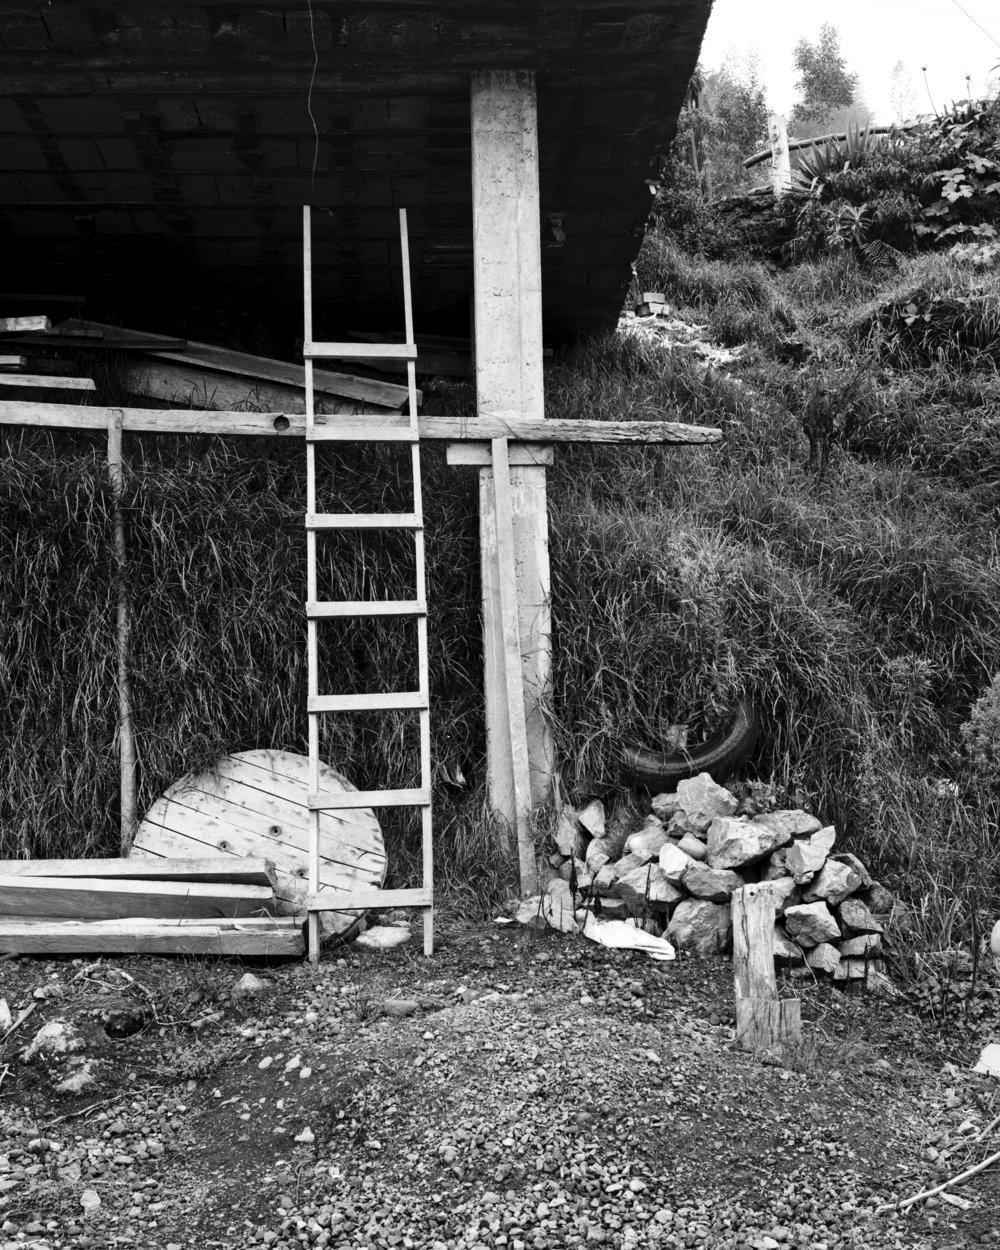 Tungurahua_003_A.jpg